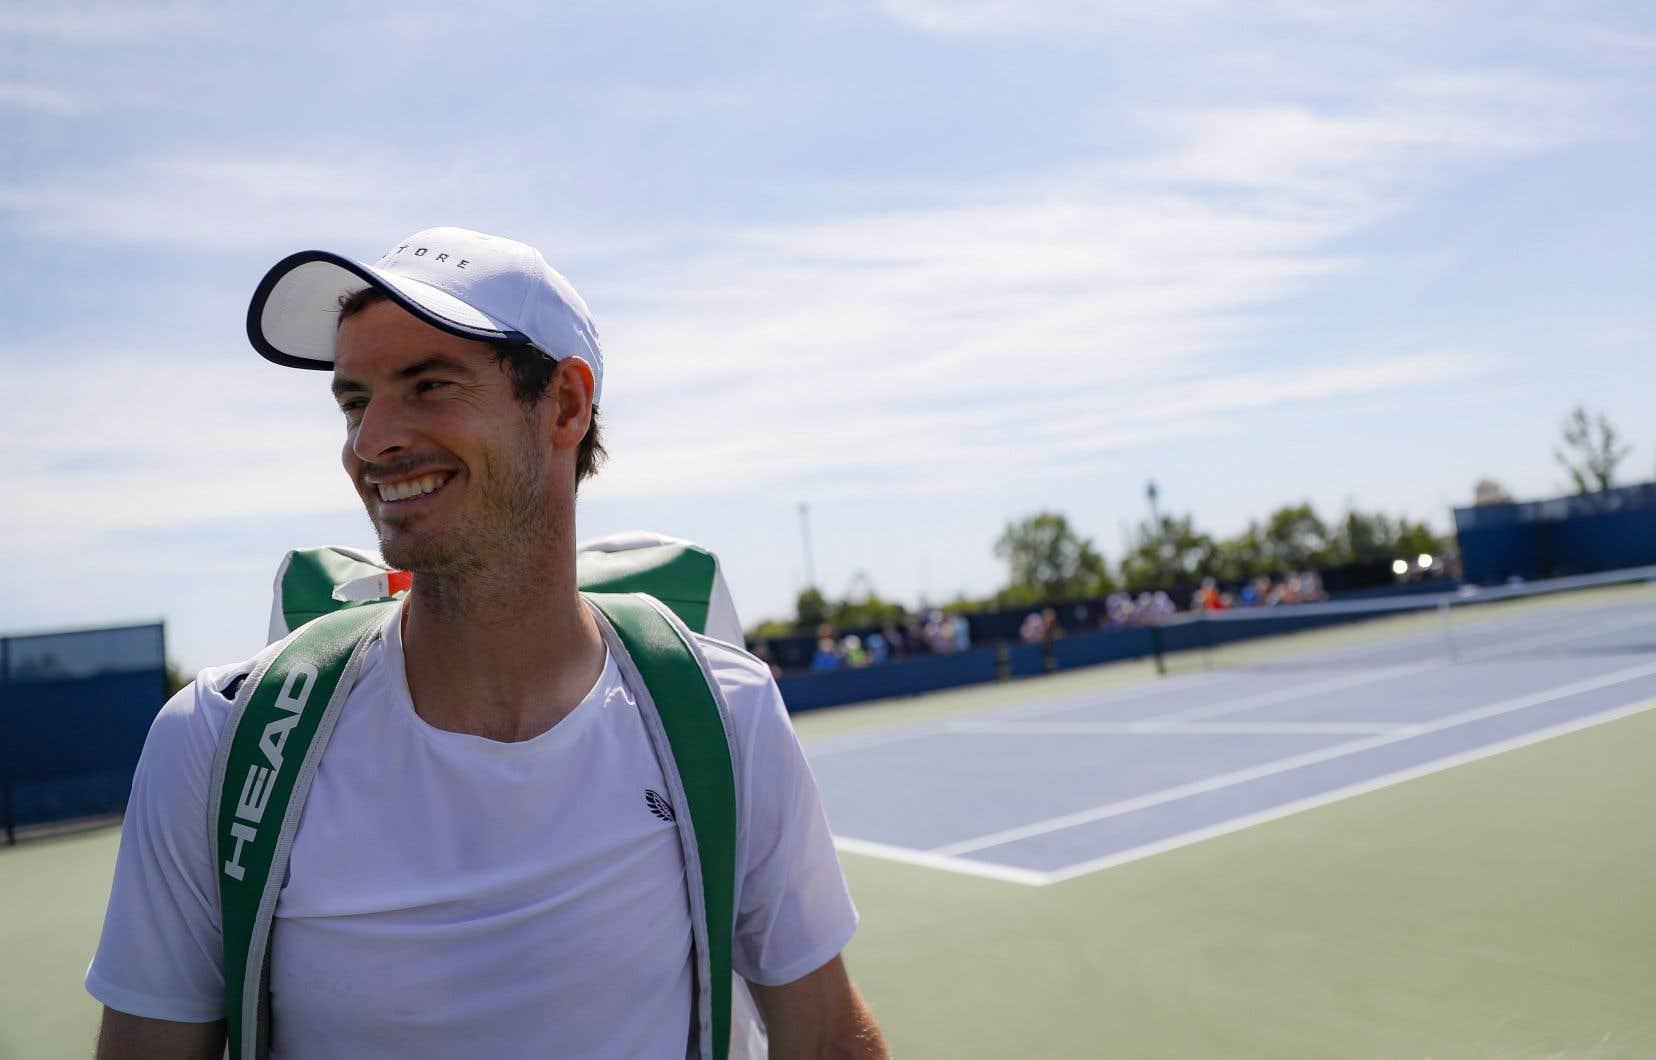 Quelques séances d'entraînement dans les dernières semaines ont donné à Andy Murray la confiance nécessaire pour lui permettre d'effectuer un retour au jeu. Il entend se servir de l'Omnium de Cincinnati comme d'un tournoi baromètre.